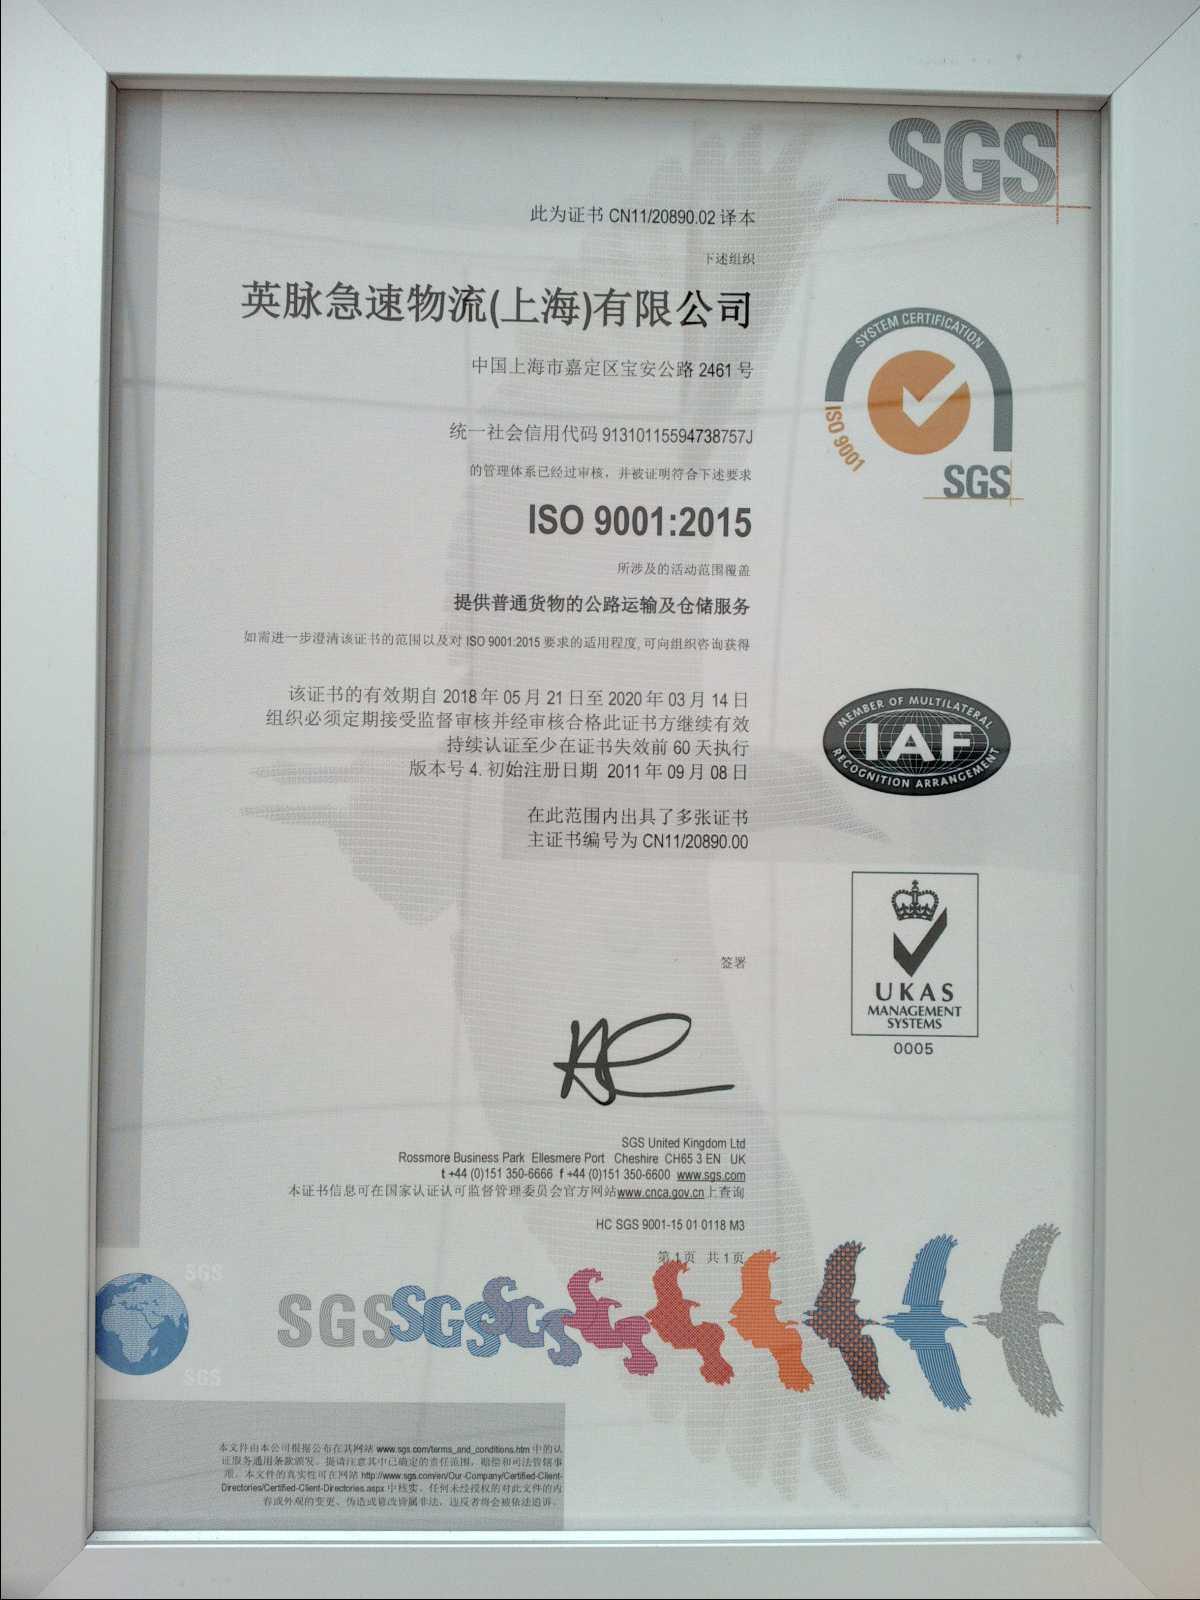 上海物流公司-英脉物流